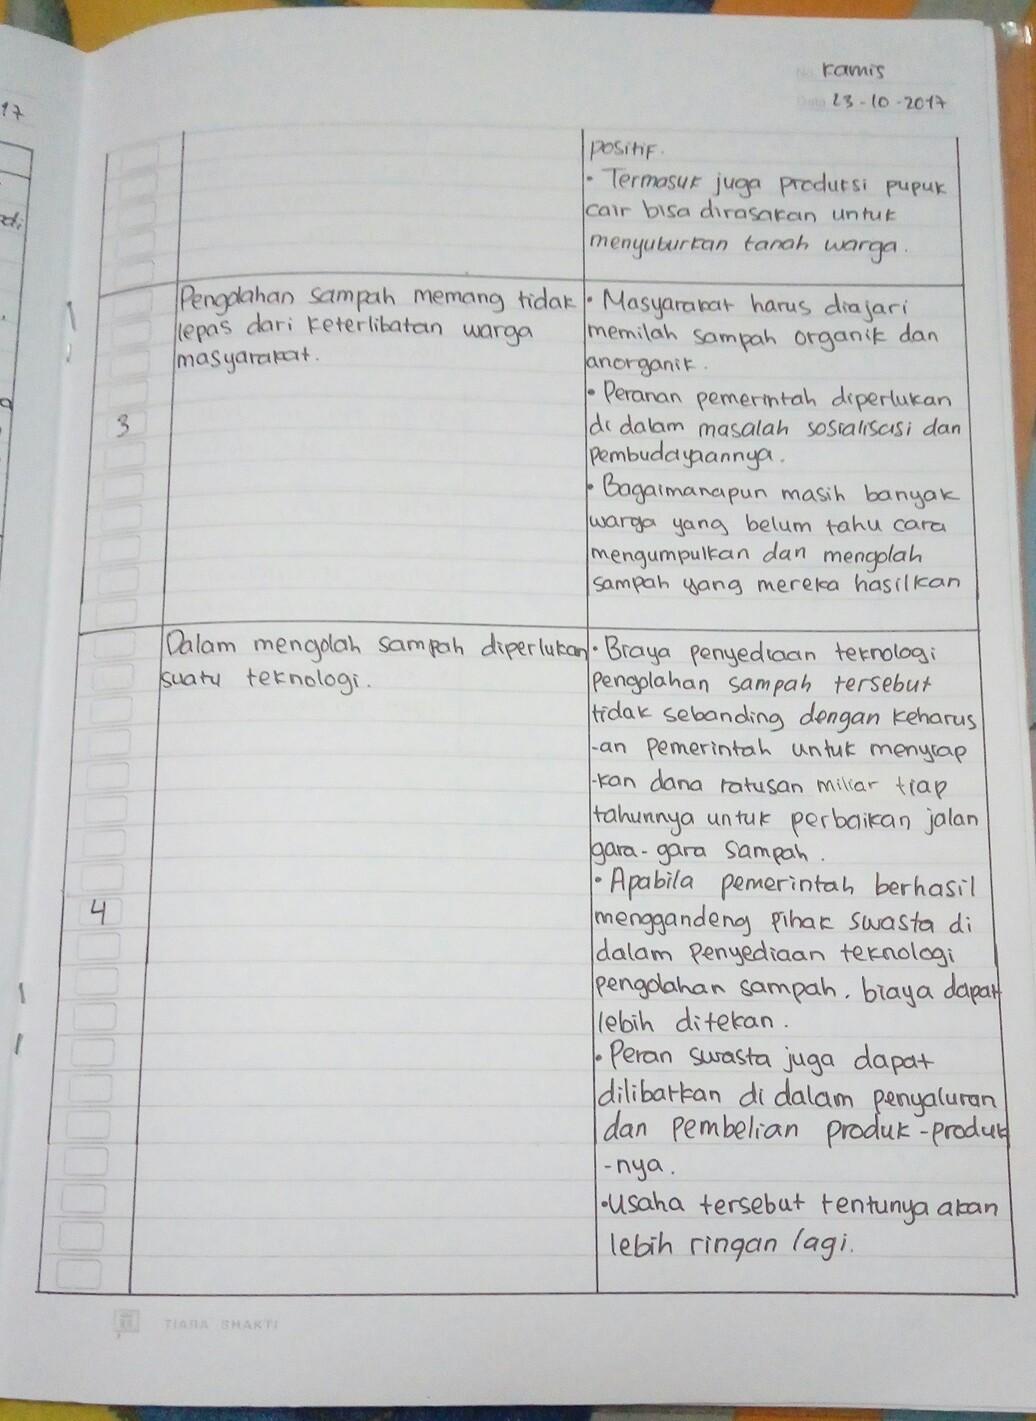 Jawaban Kegiatan 3 3 Bahasa Indonesia Kelas 8